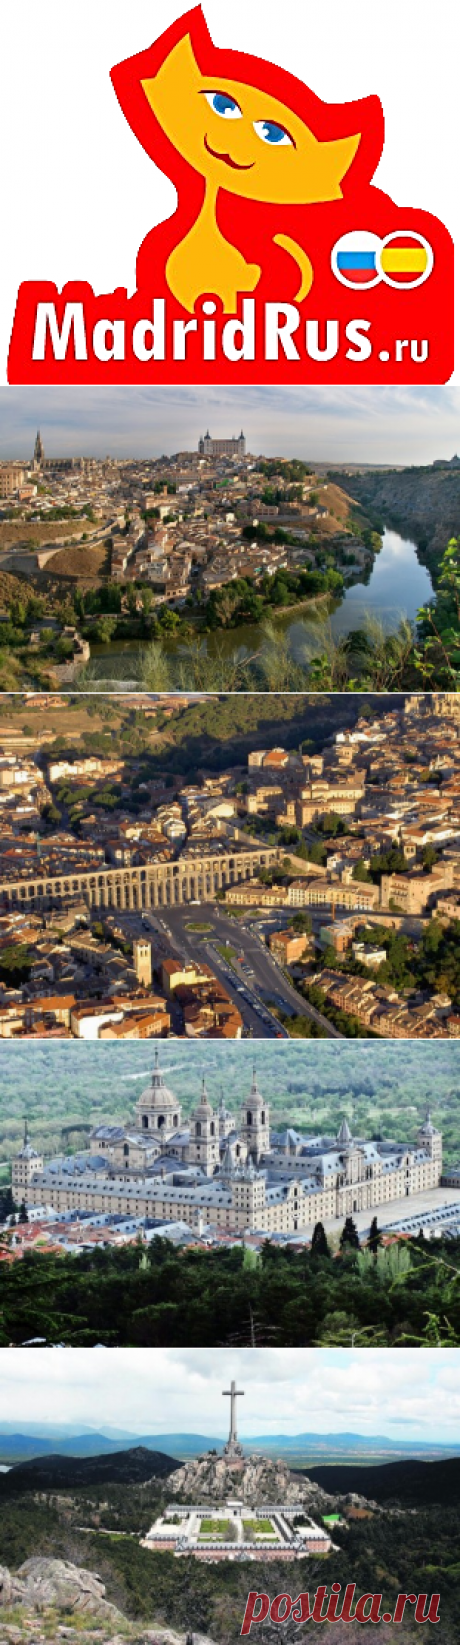 Достопримечательности пригороды Мадрида, ТОП TOP 10 мест , которые обязательно надо посмотреть в  окрестностях Мадрида